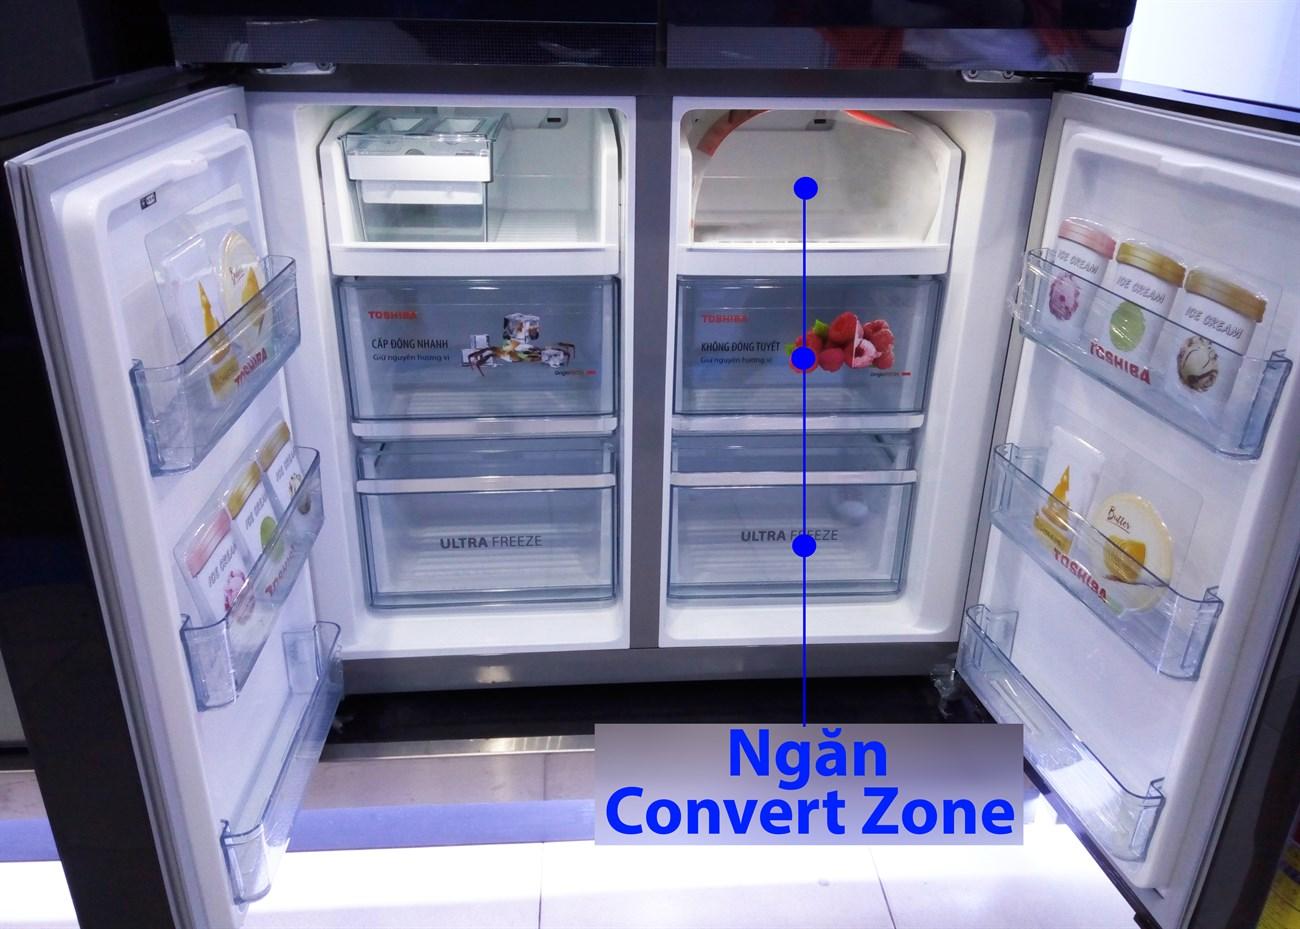 Thiết kế bên trong - Ngăn Convert Zone